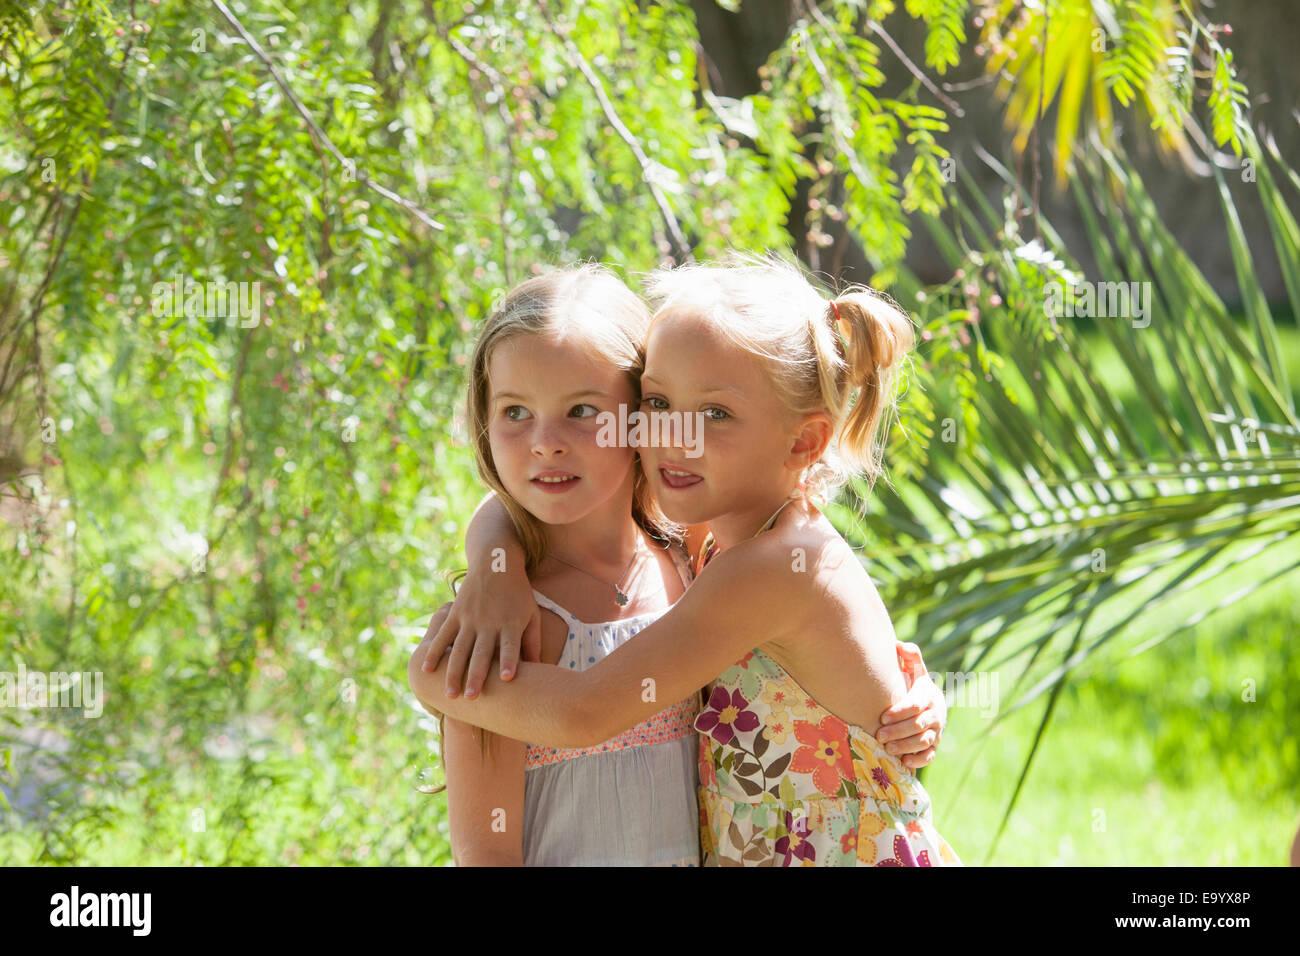 Portrait sincère de deux filles avec les bras autour de l'autre dans le jardin Photo Stock